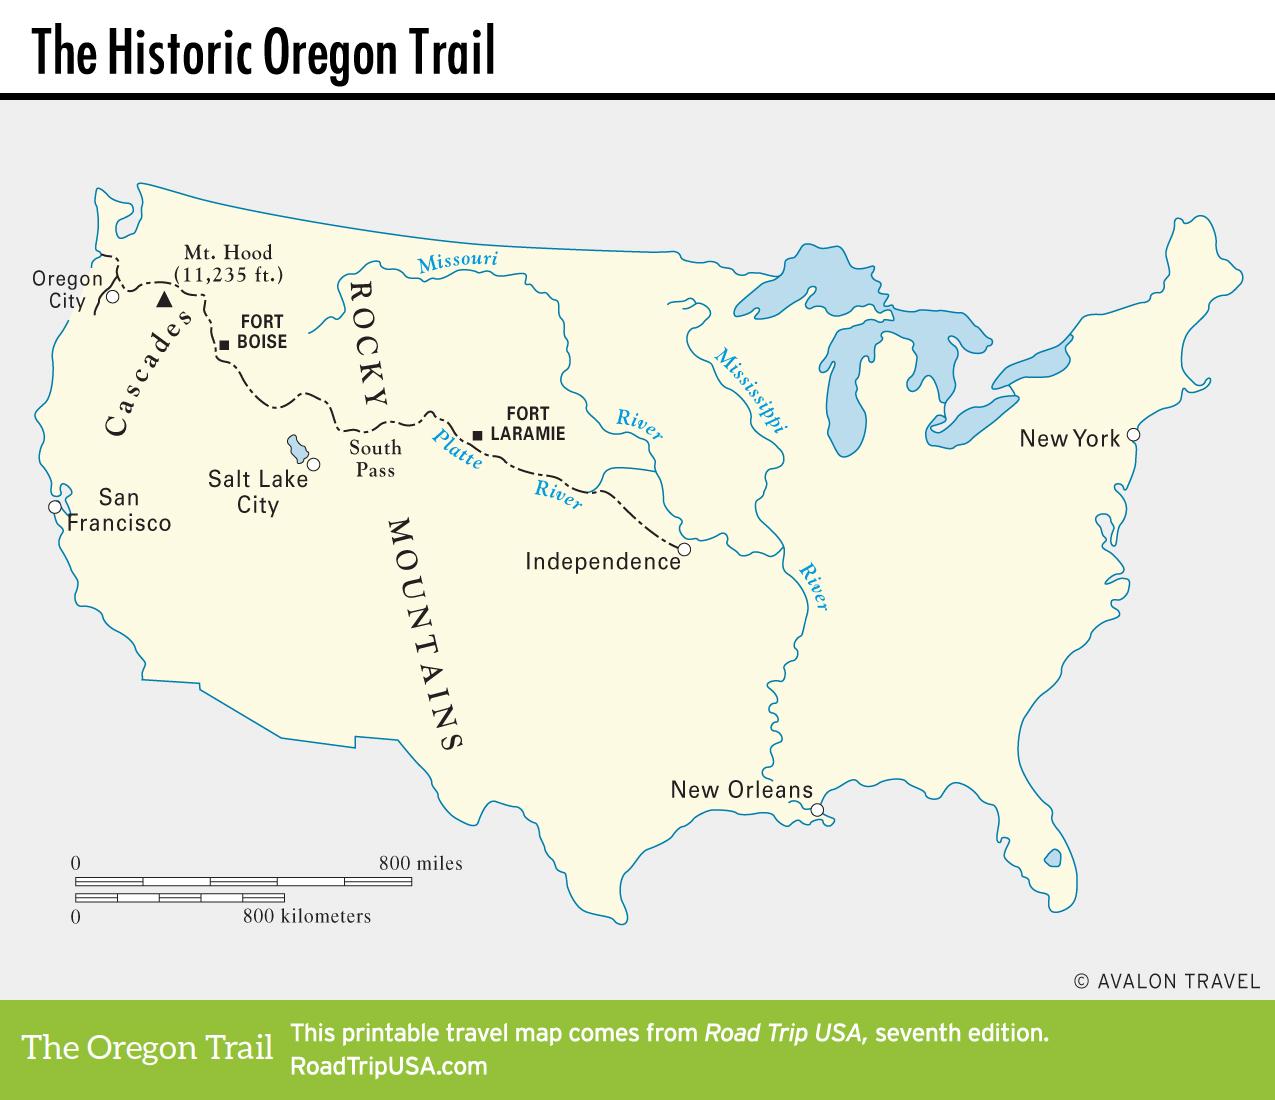 The Historic Oregon Trail